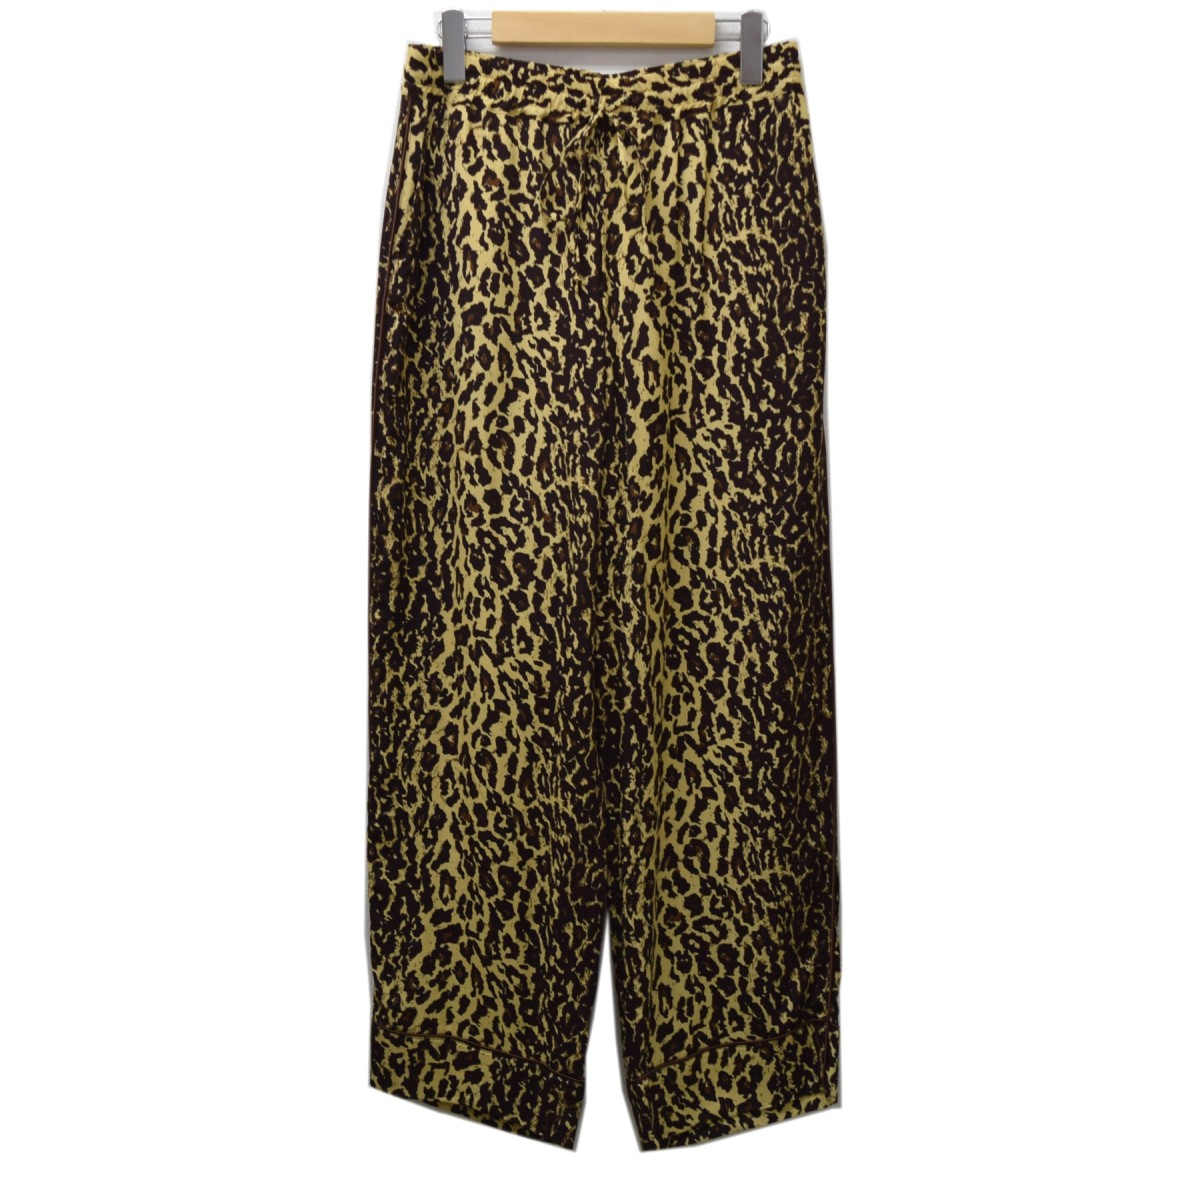 【中古】JANE SMITH レオパードパジャマパンツ イエローxブラウン サイズ:38 【010420】(ジェーンスミス)